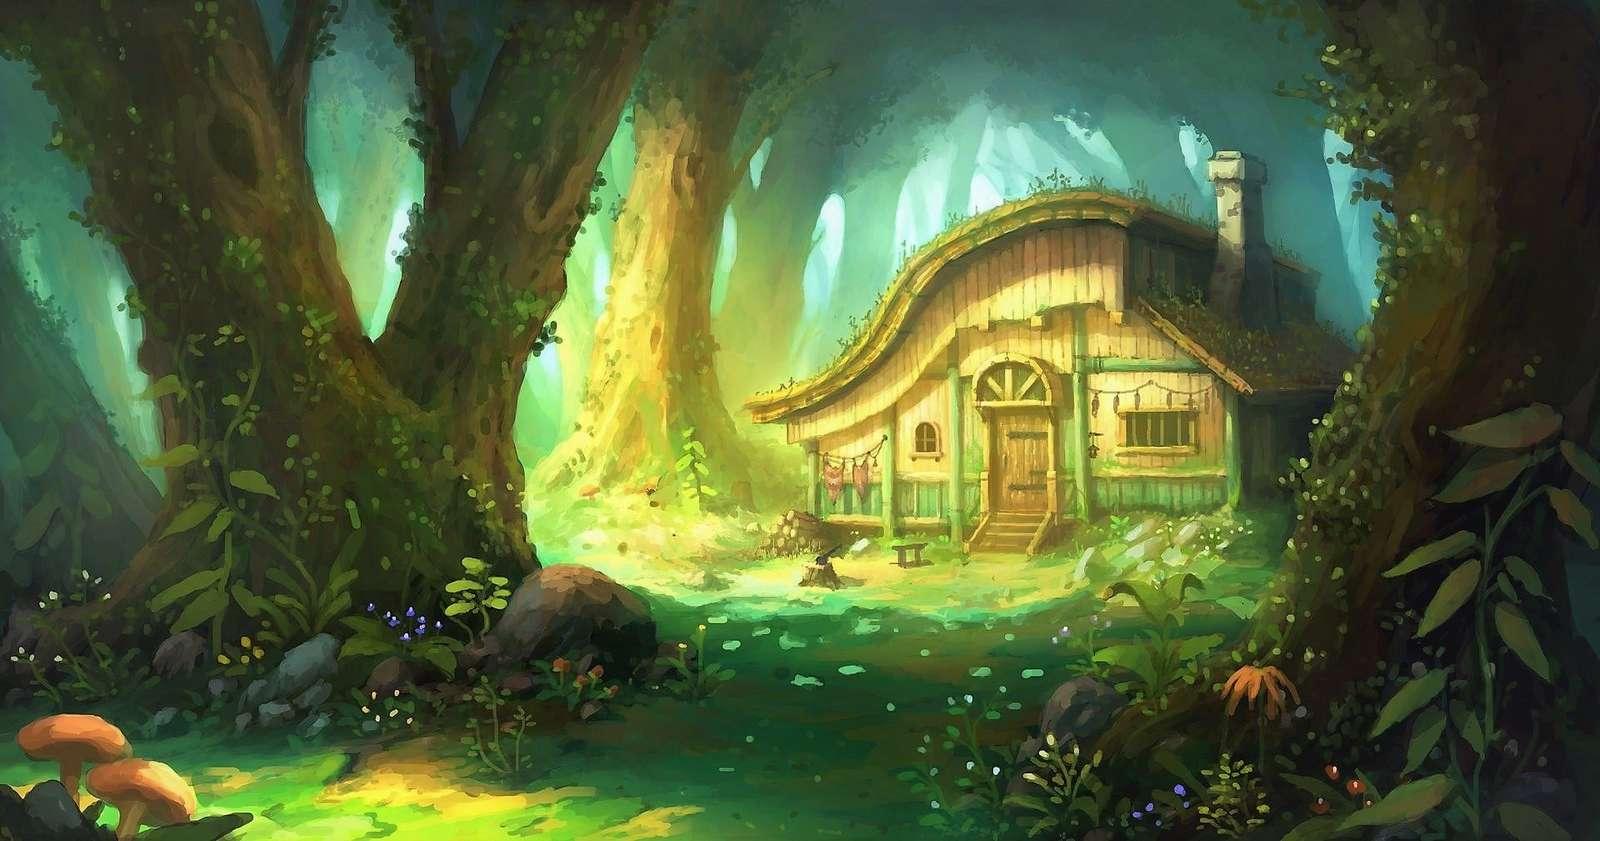 Floresta de conto de fadas - Casa de conto de fadas na floresta de conto de fadas. Quebra-cabeça colorido (10×10)